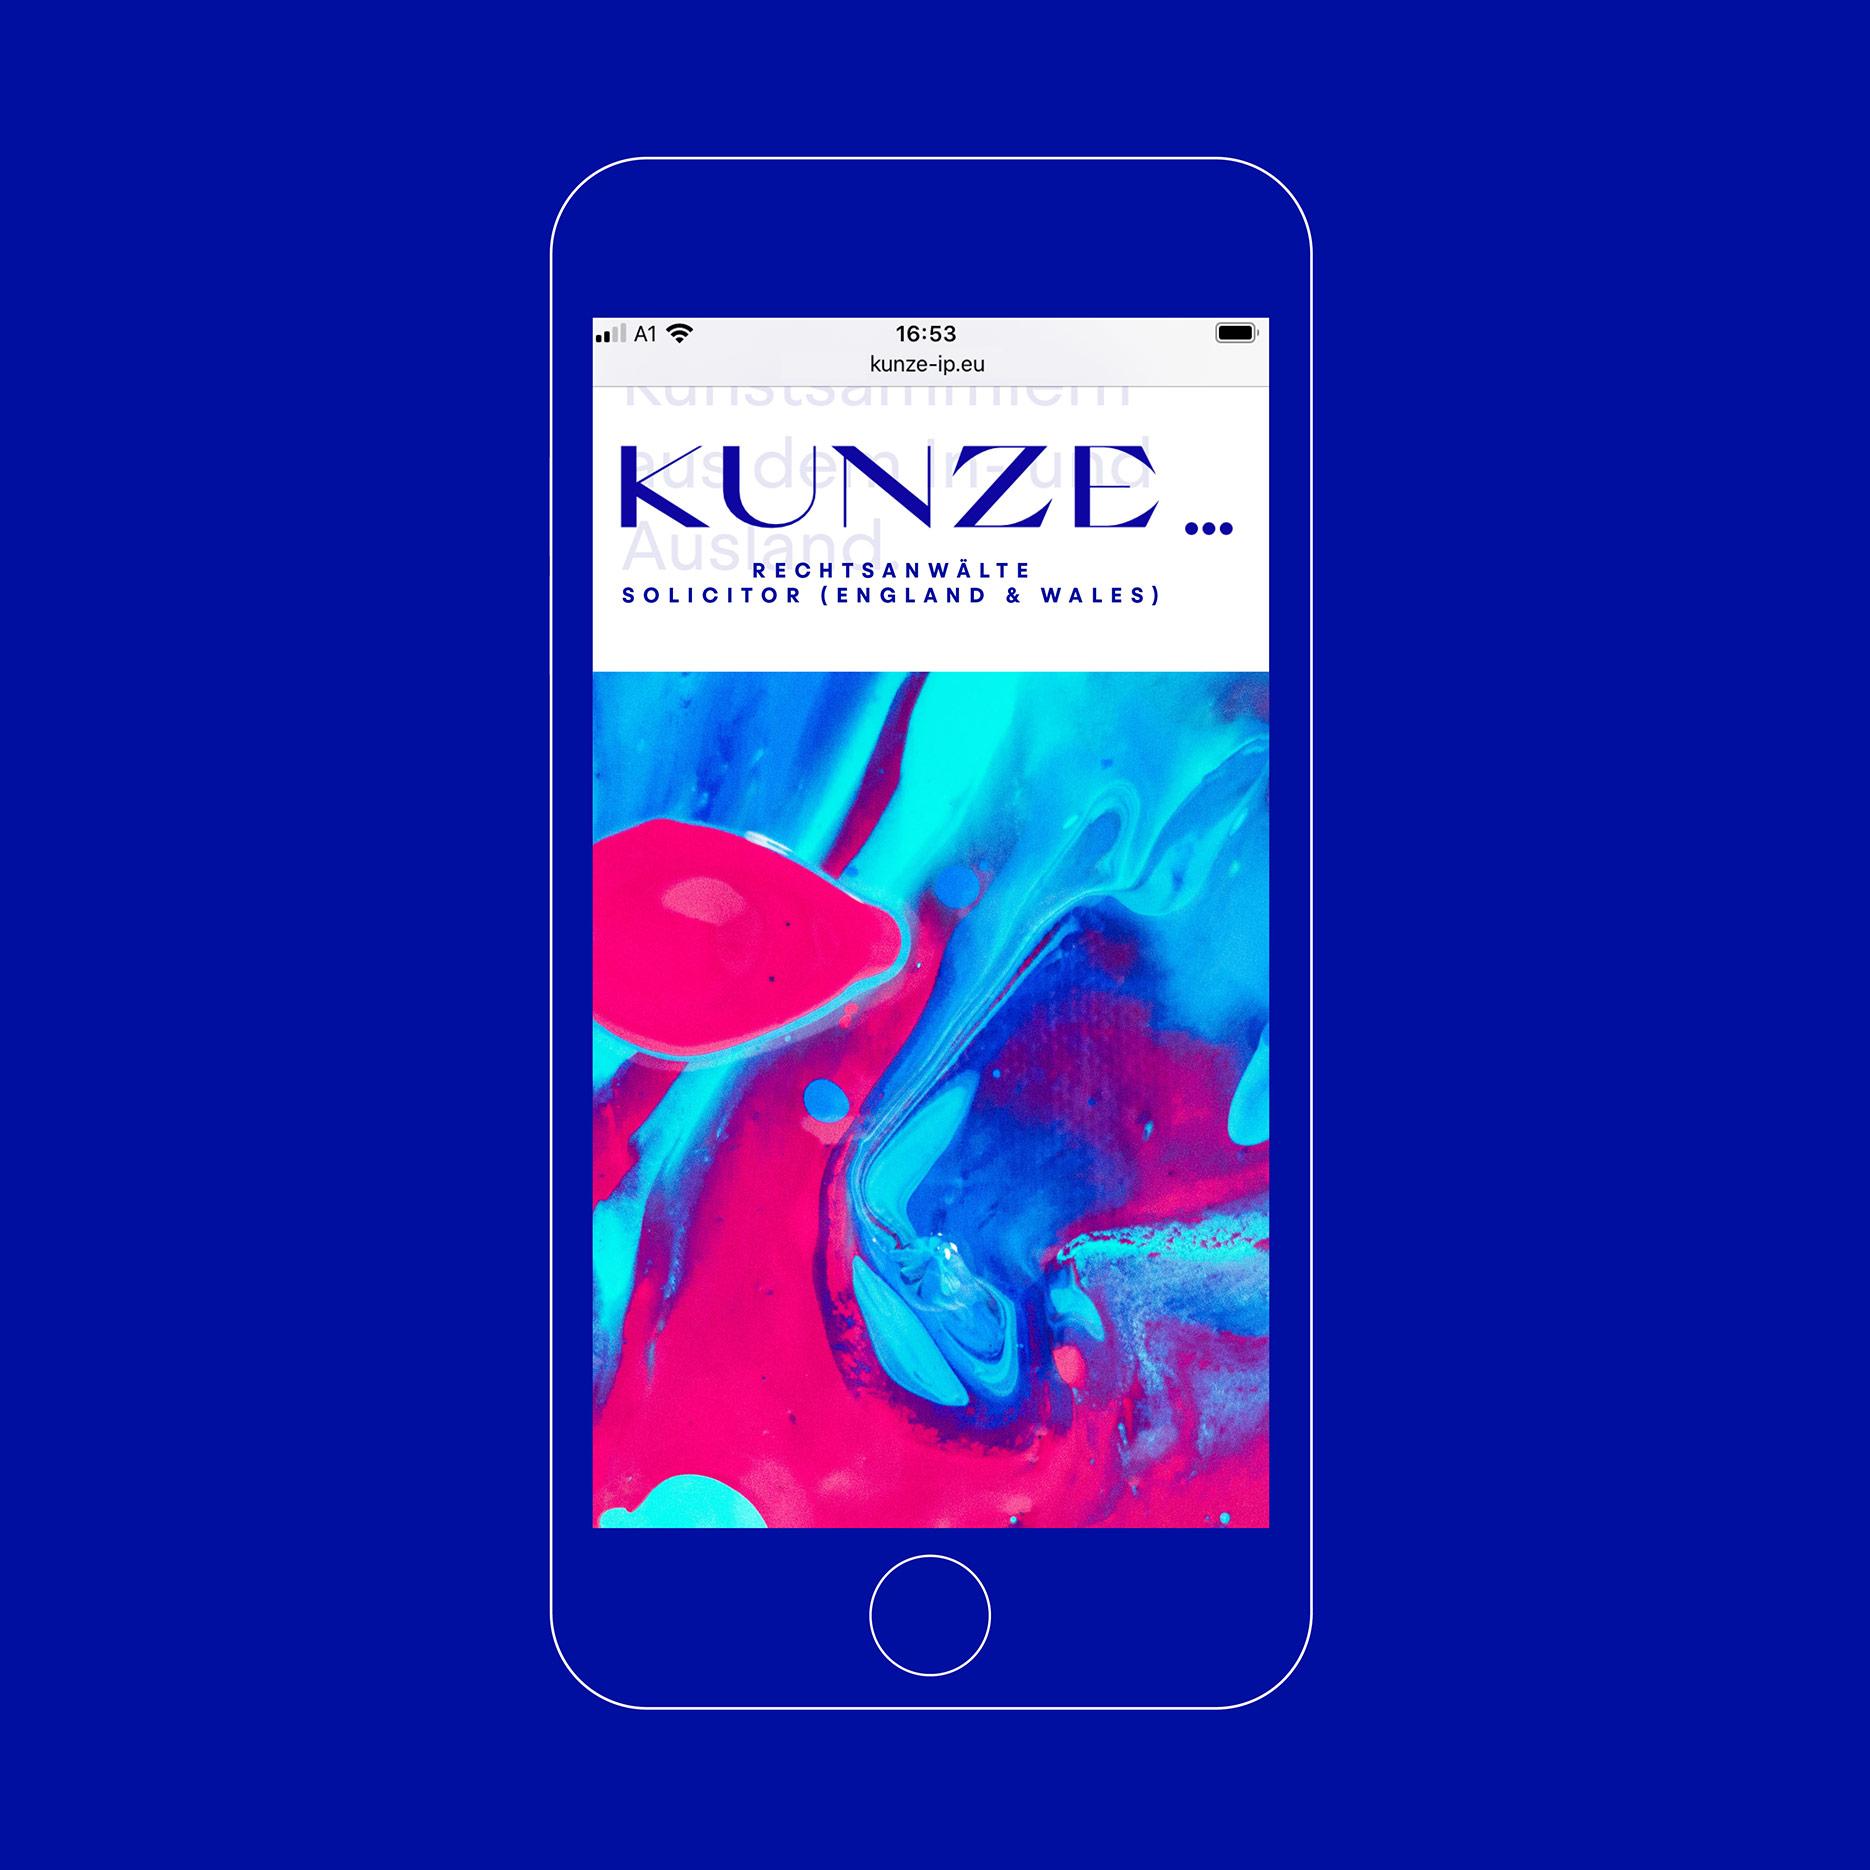 Corporate Design für Kunze Rechtsanwälte, München | Mobile Website, Mockup auf blauem Hintergrund | Keywords: Corporate Design, Branding, Contemporary Design, Blau, Blue, Typografie, Typography, Graphic Design, Grafikdesign, Abstrakte Kunst